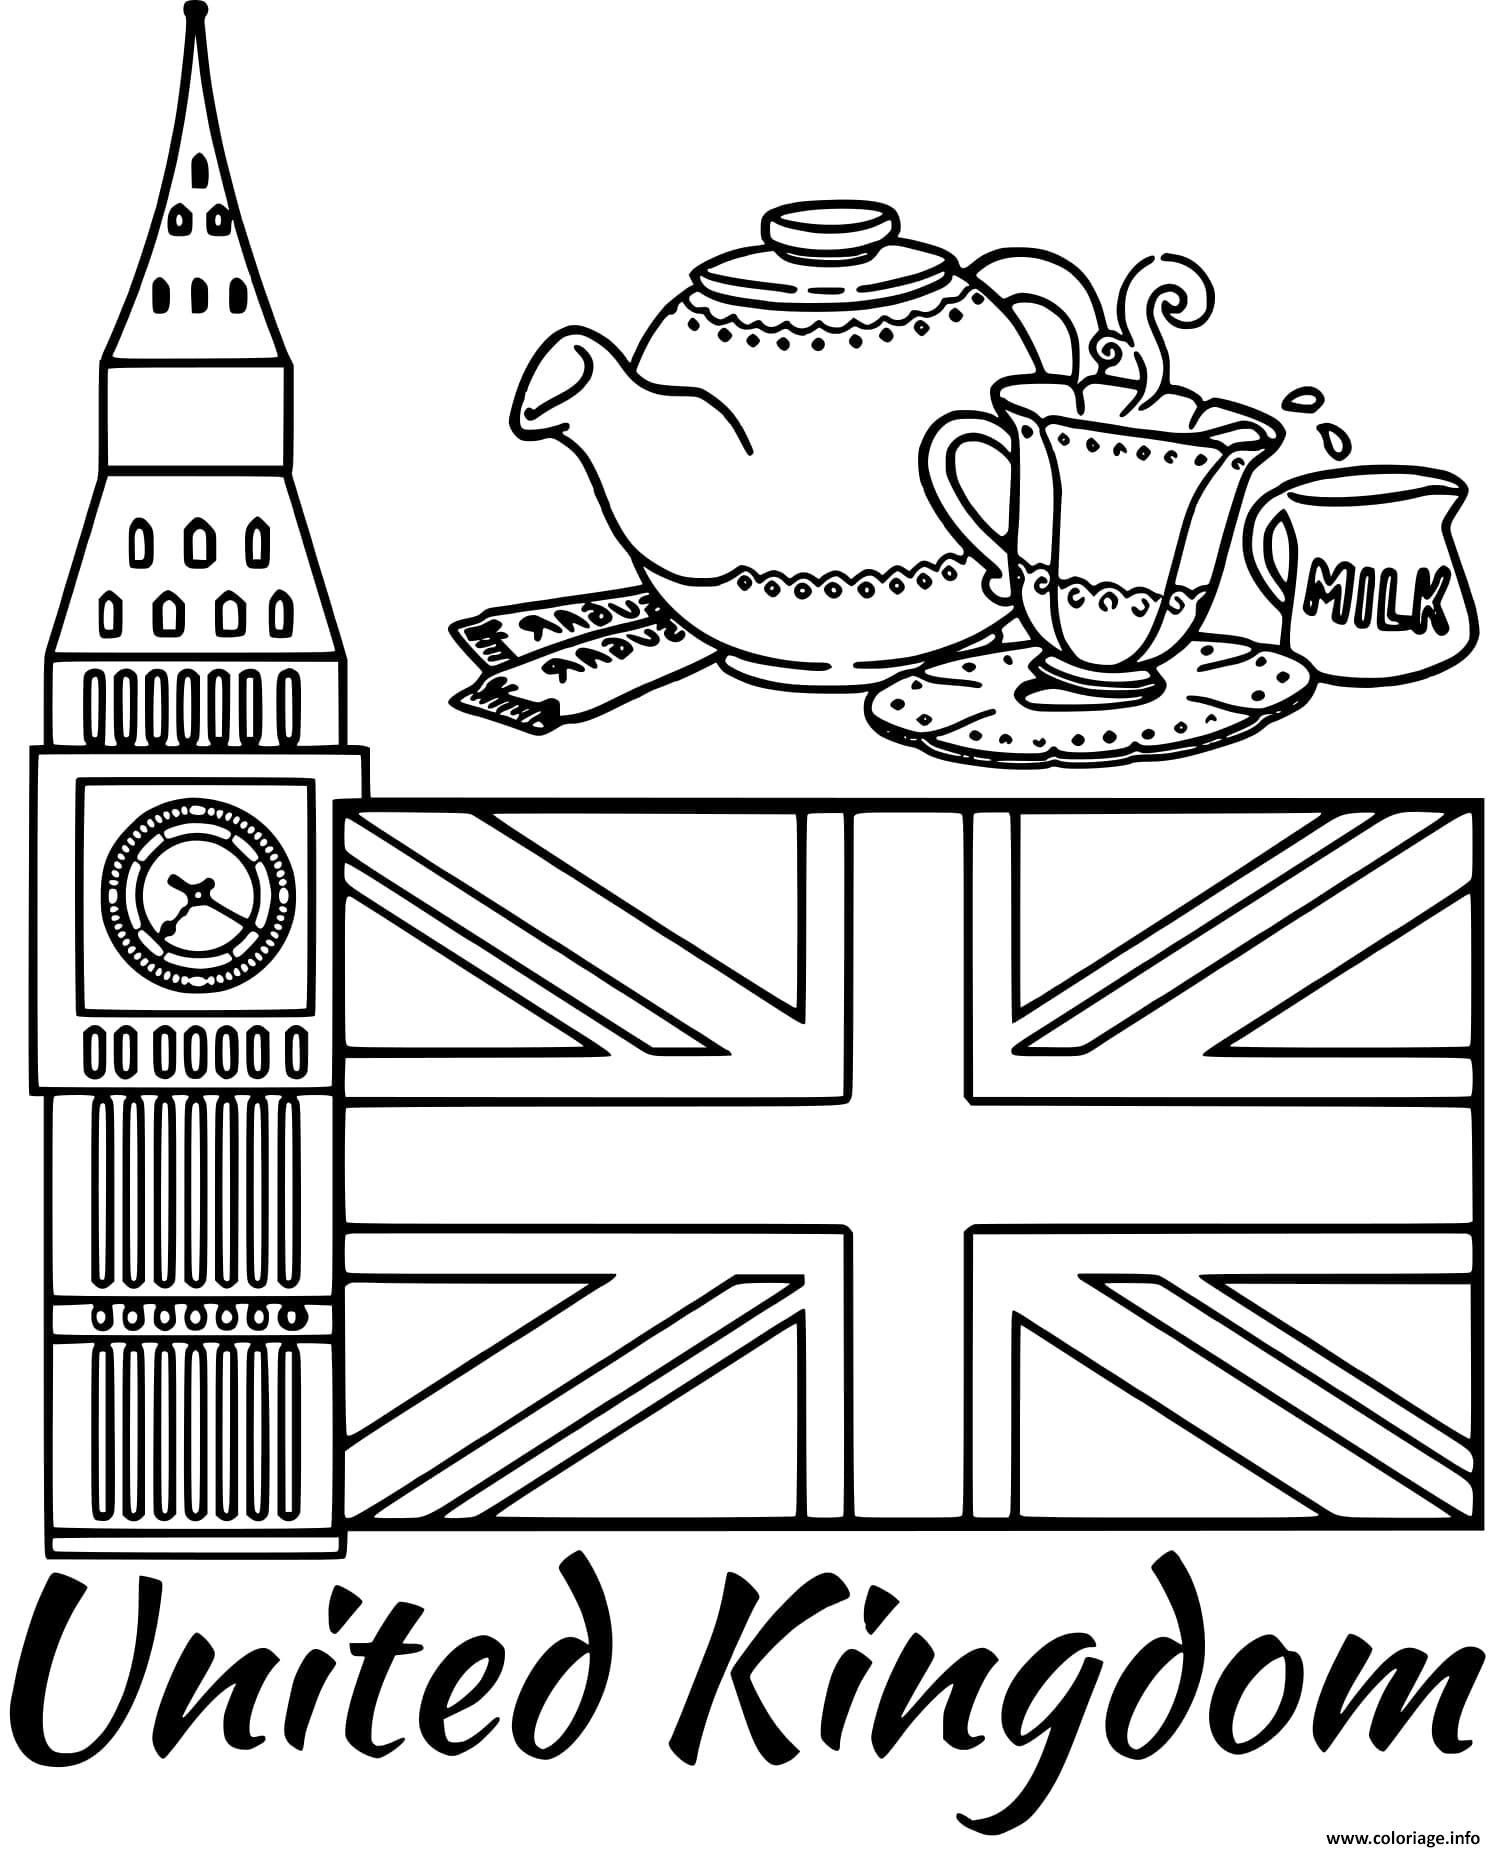 Dessin royaume uni drapeau big ben Coloriage Gratuit à Imprimer